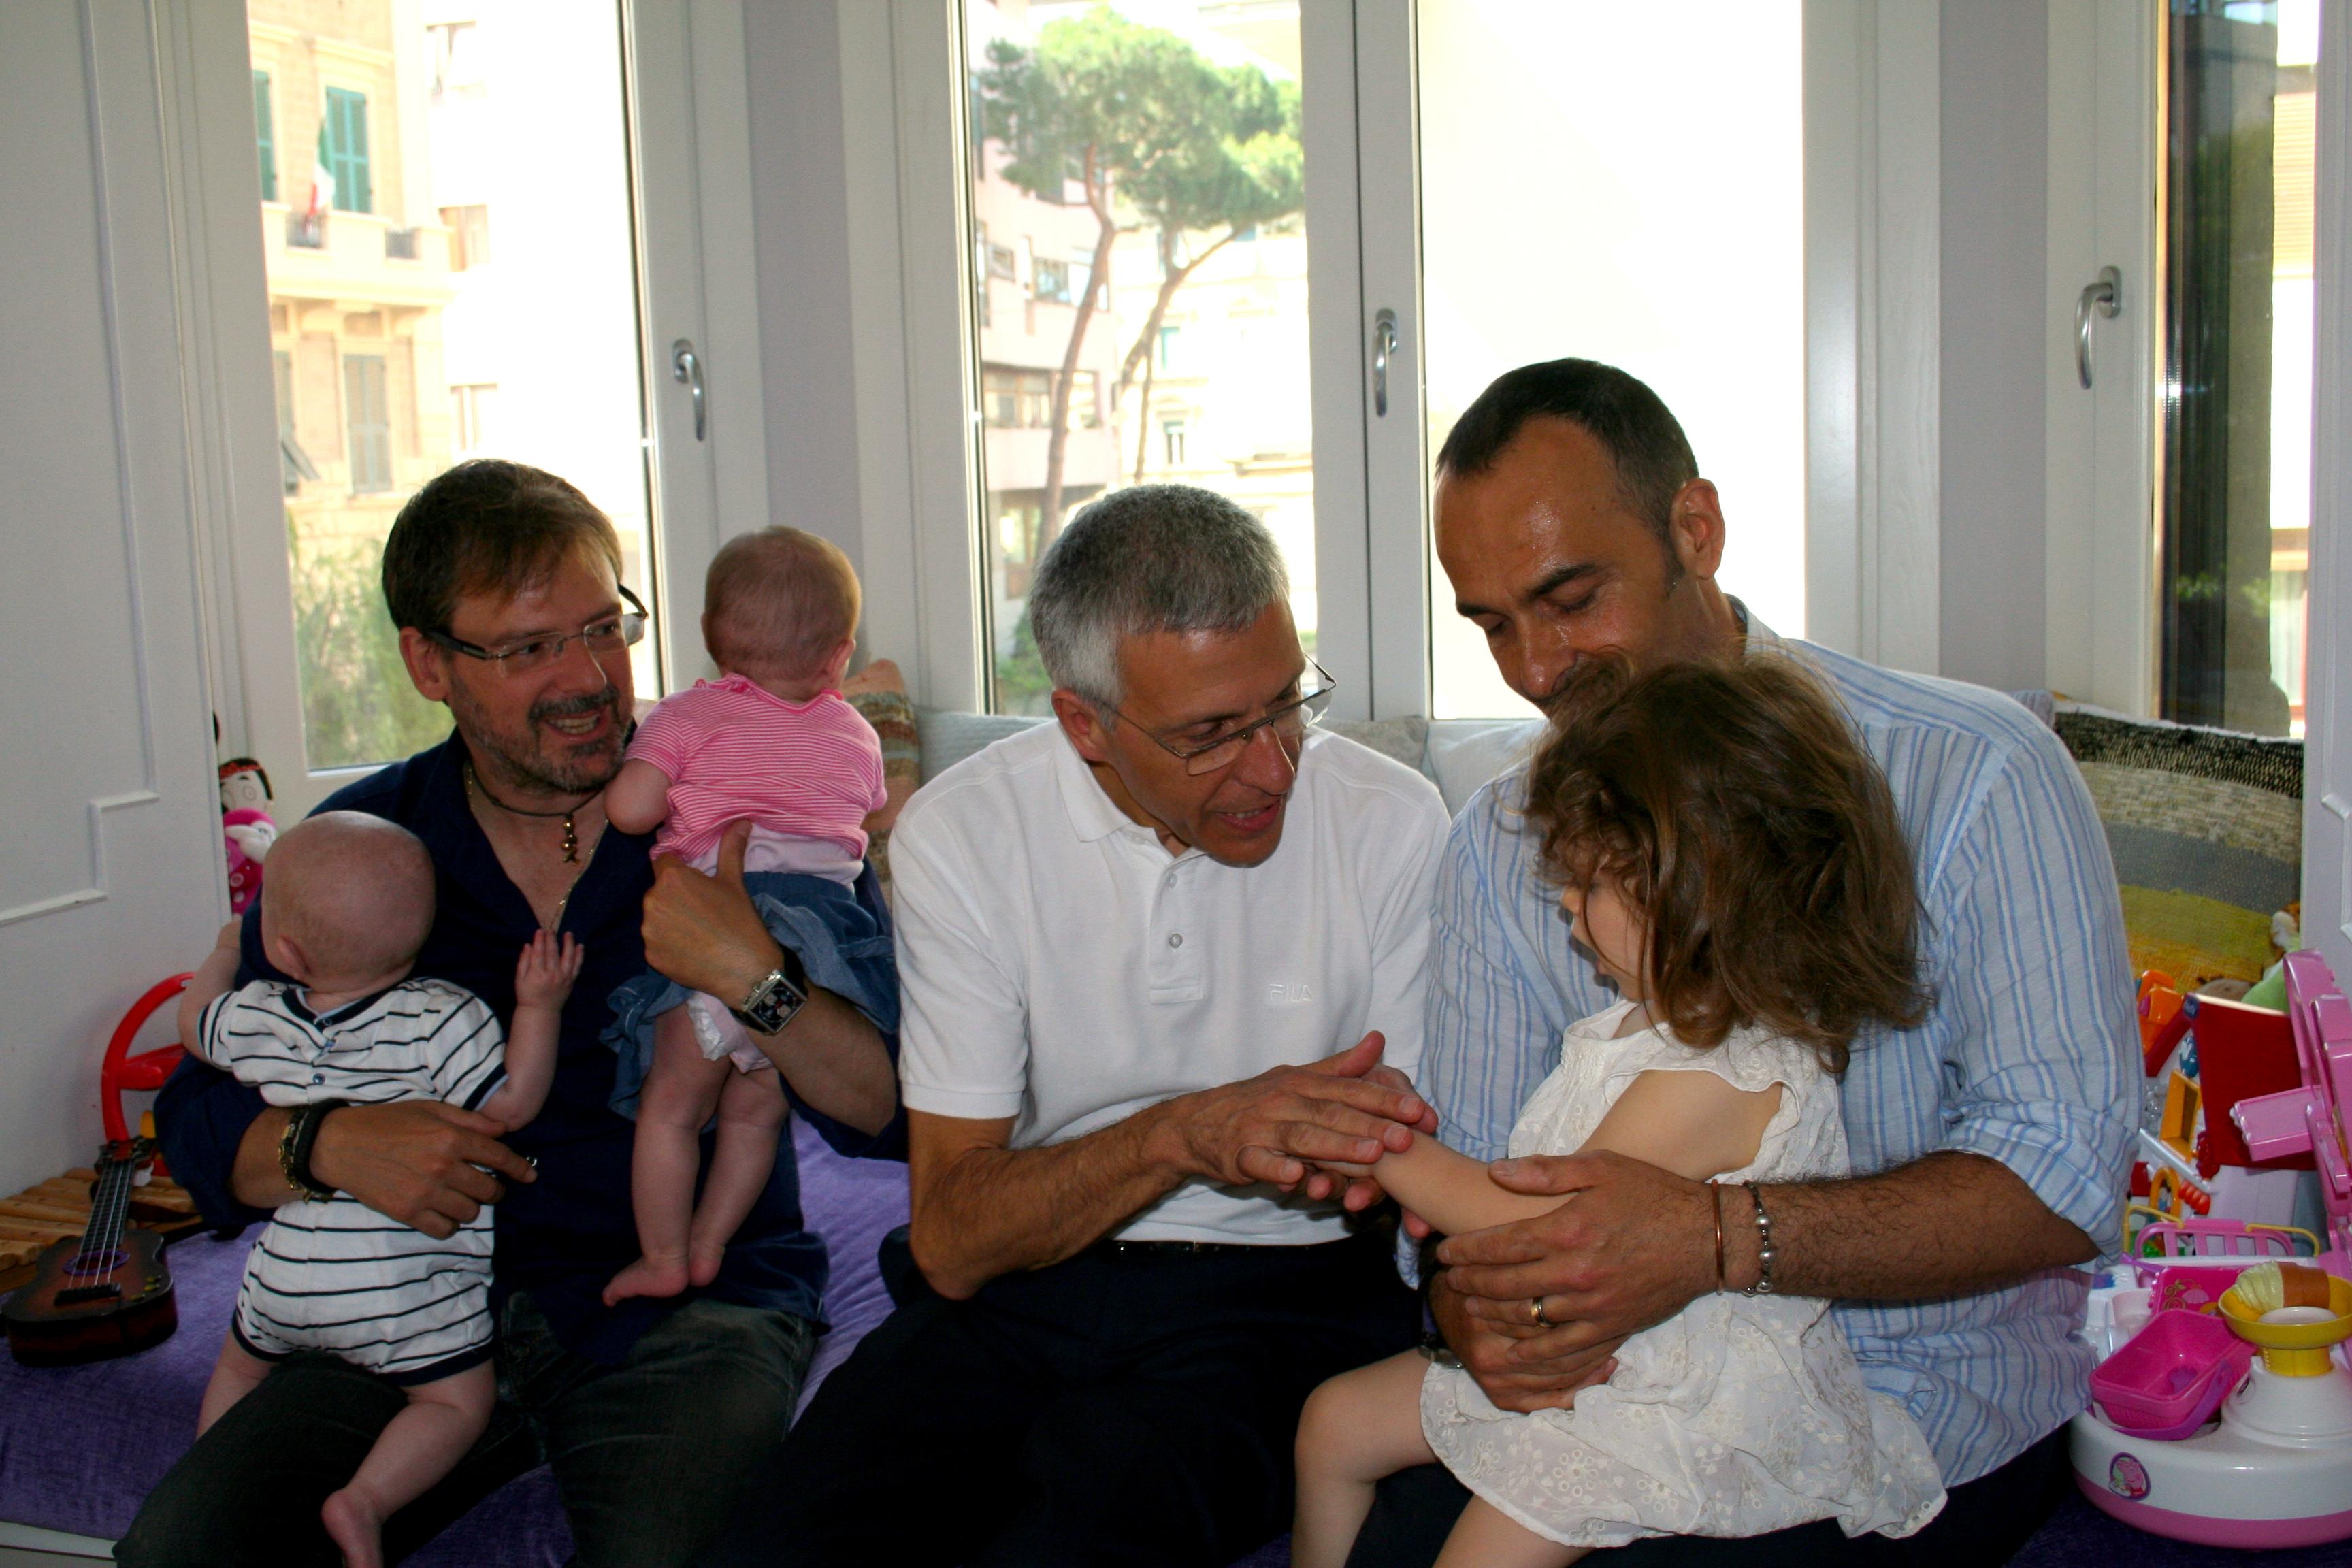 DIETRO I FATTI/ Nieri, Marino e la famiglia arcobaleno